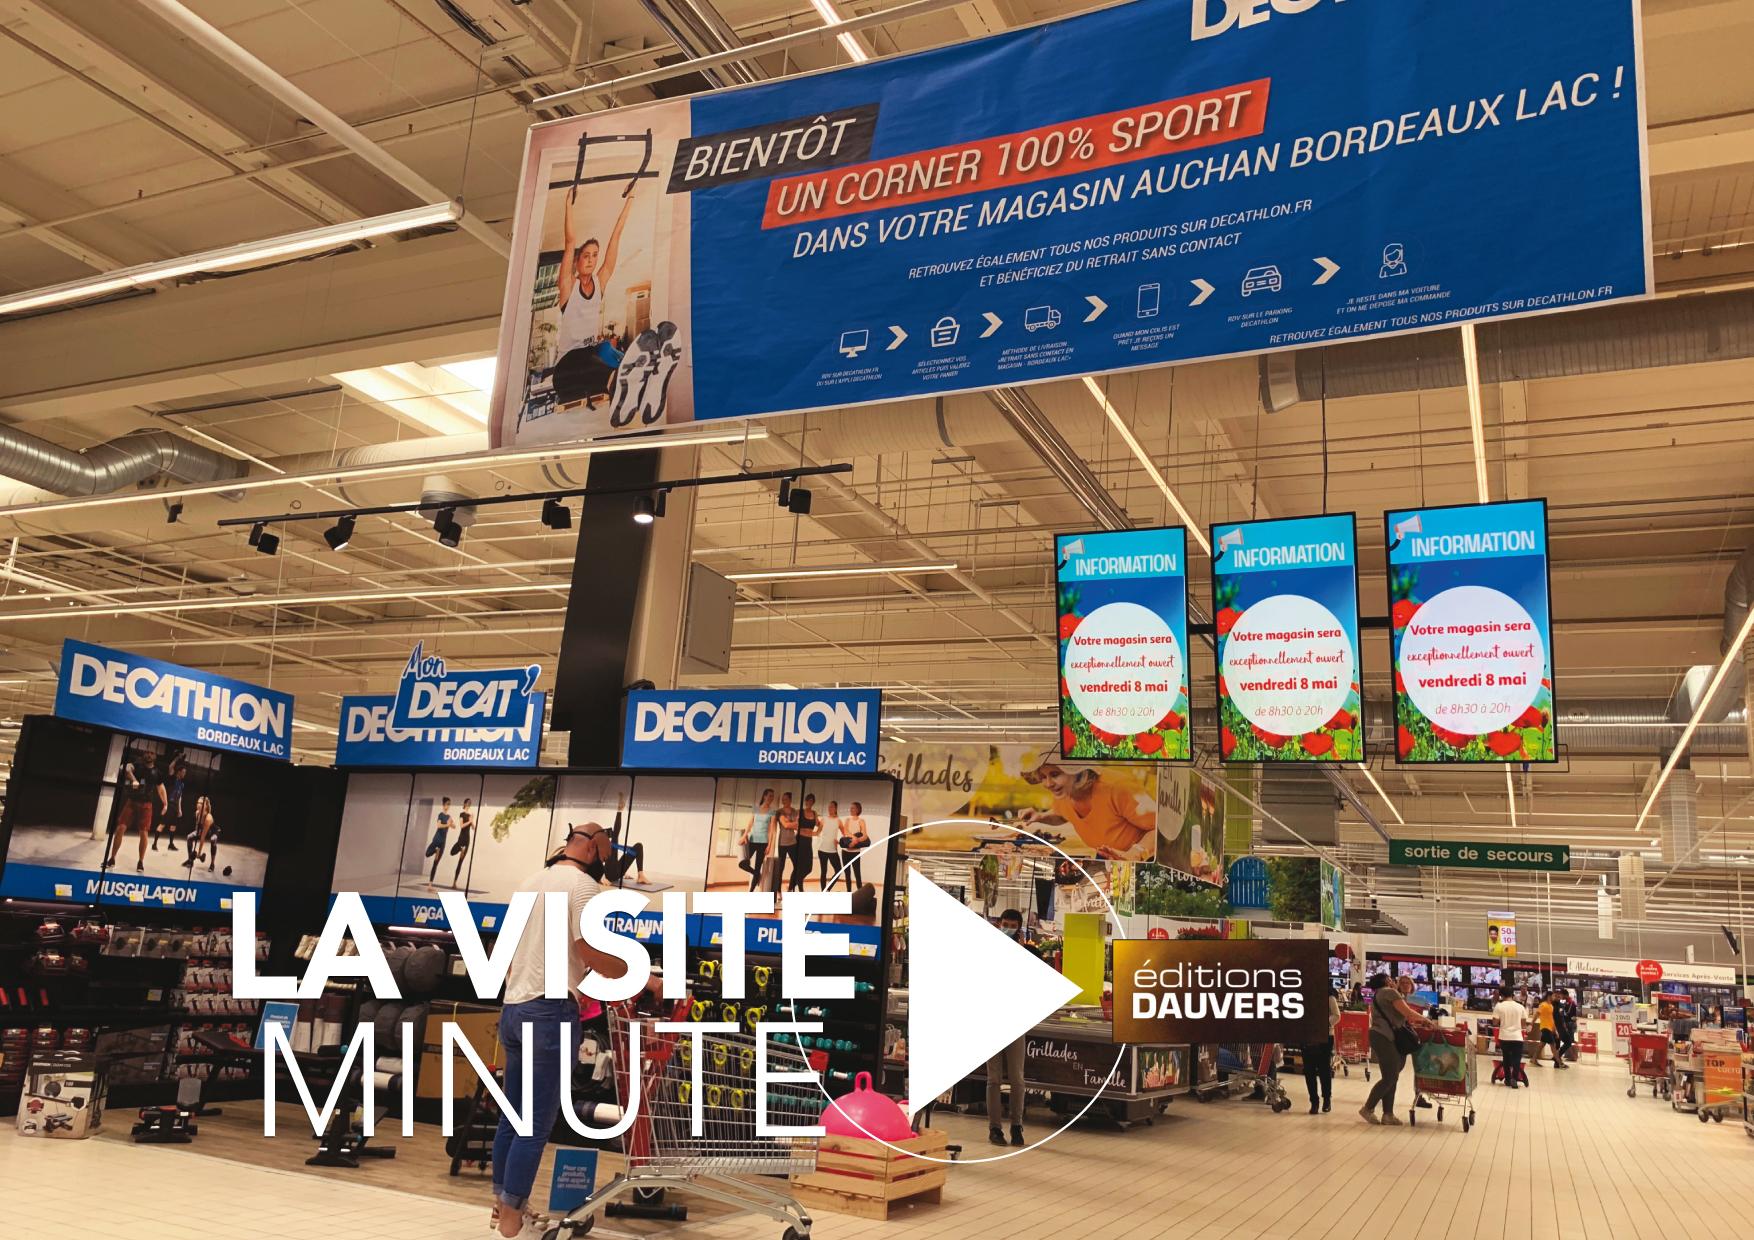 AuchanBordeauxLac